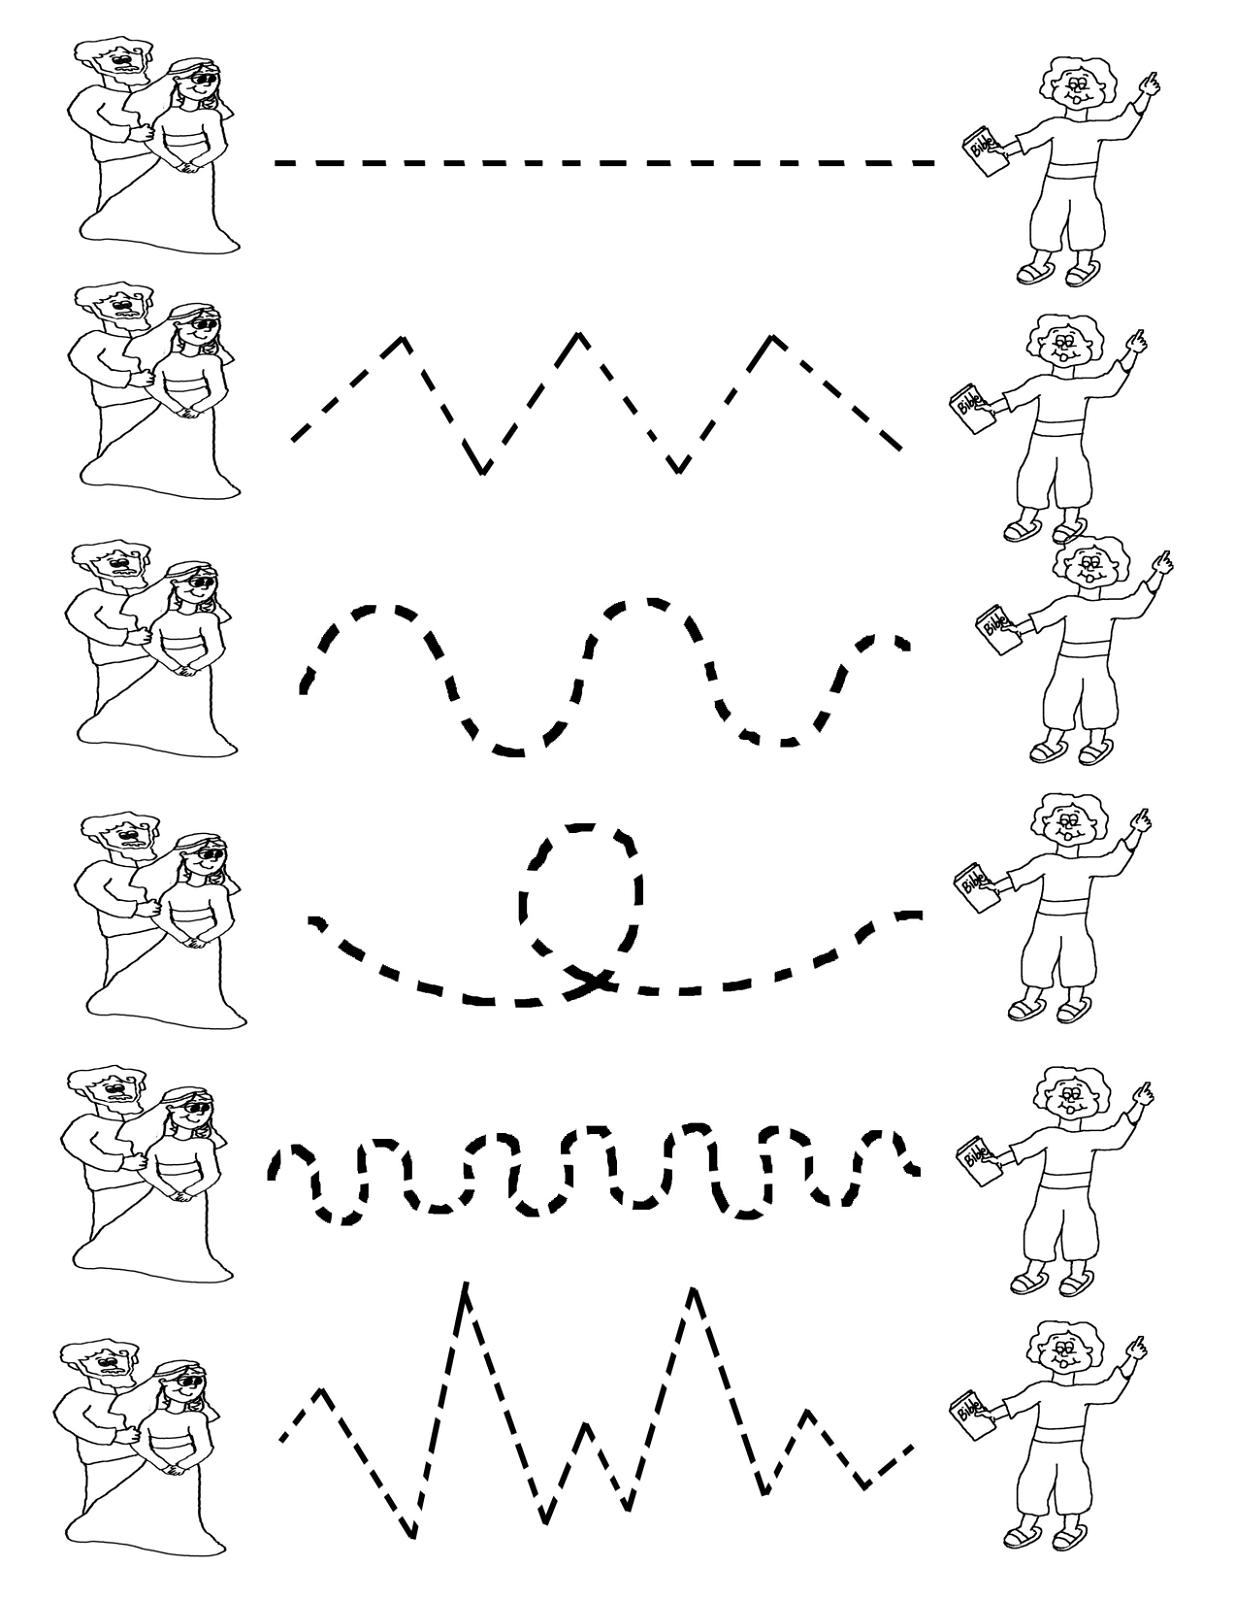 Tracing Activities For Preschool Kids